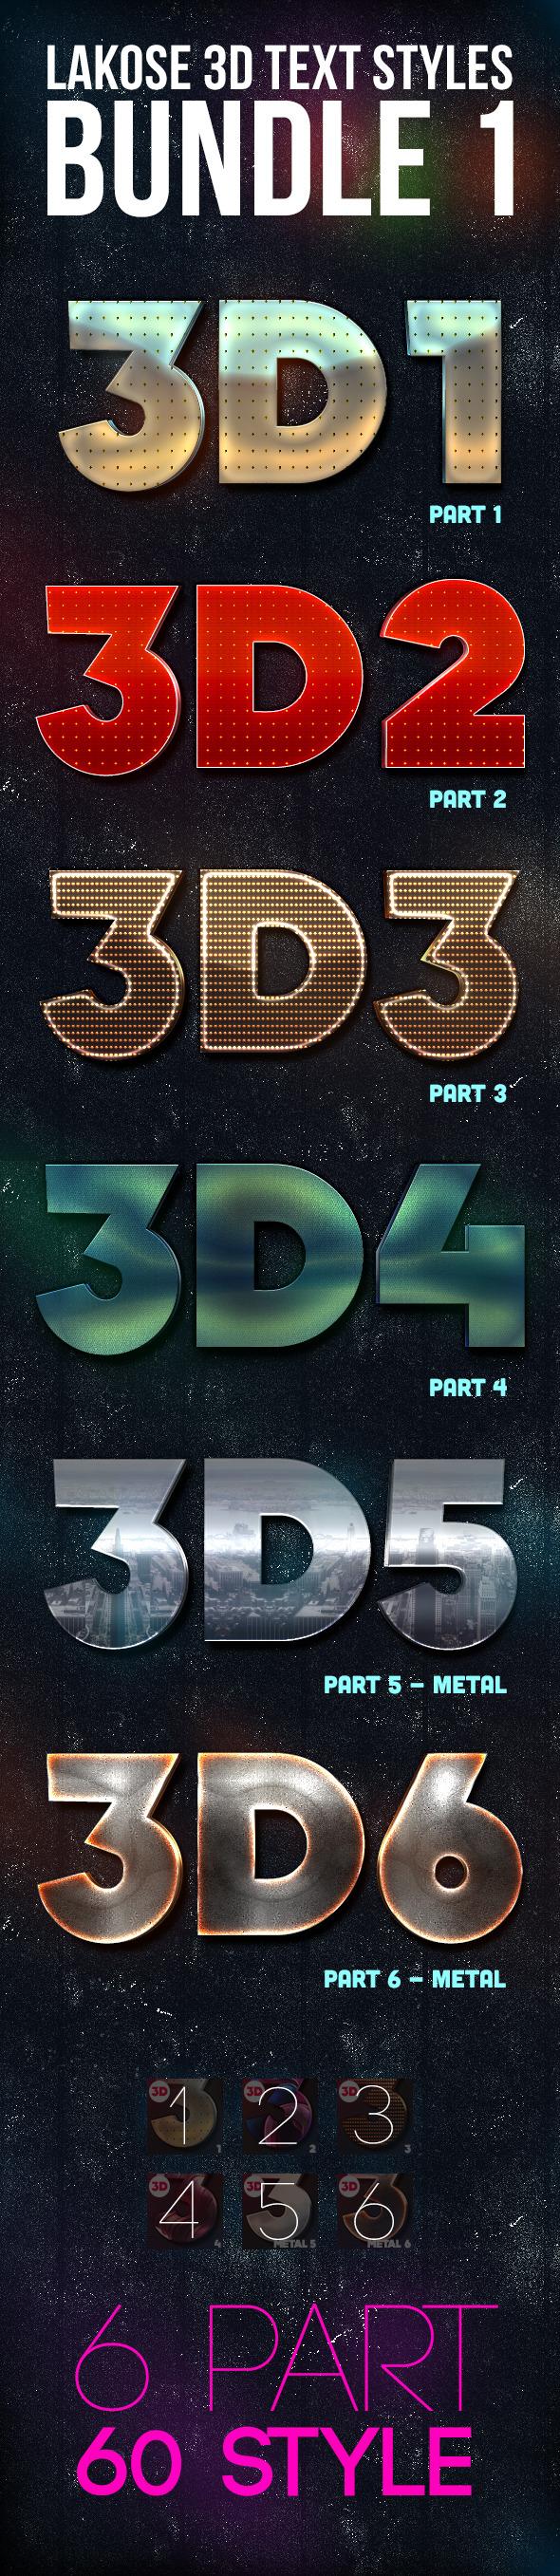 Lakose 3D Text Styles Bundle 1